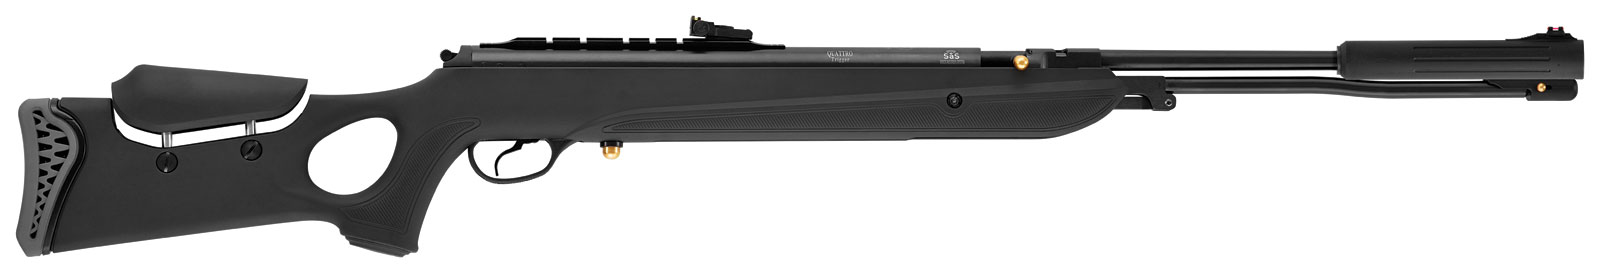 Torpedo 150 Sniper